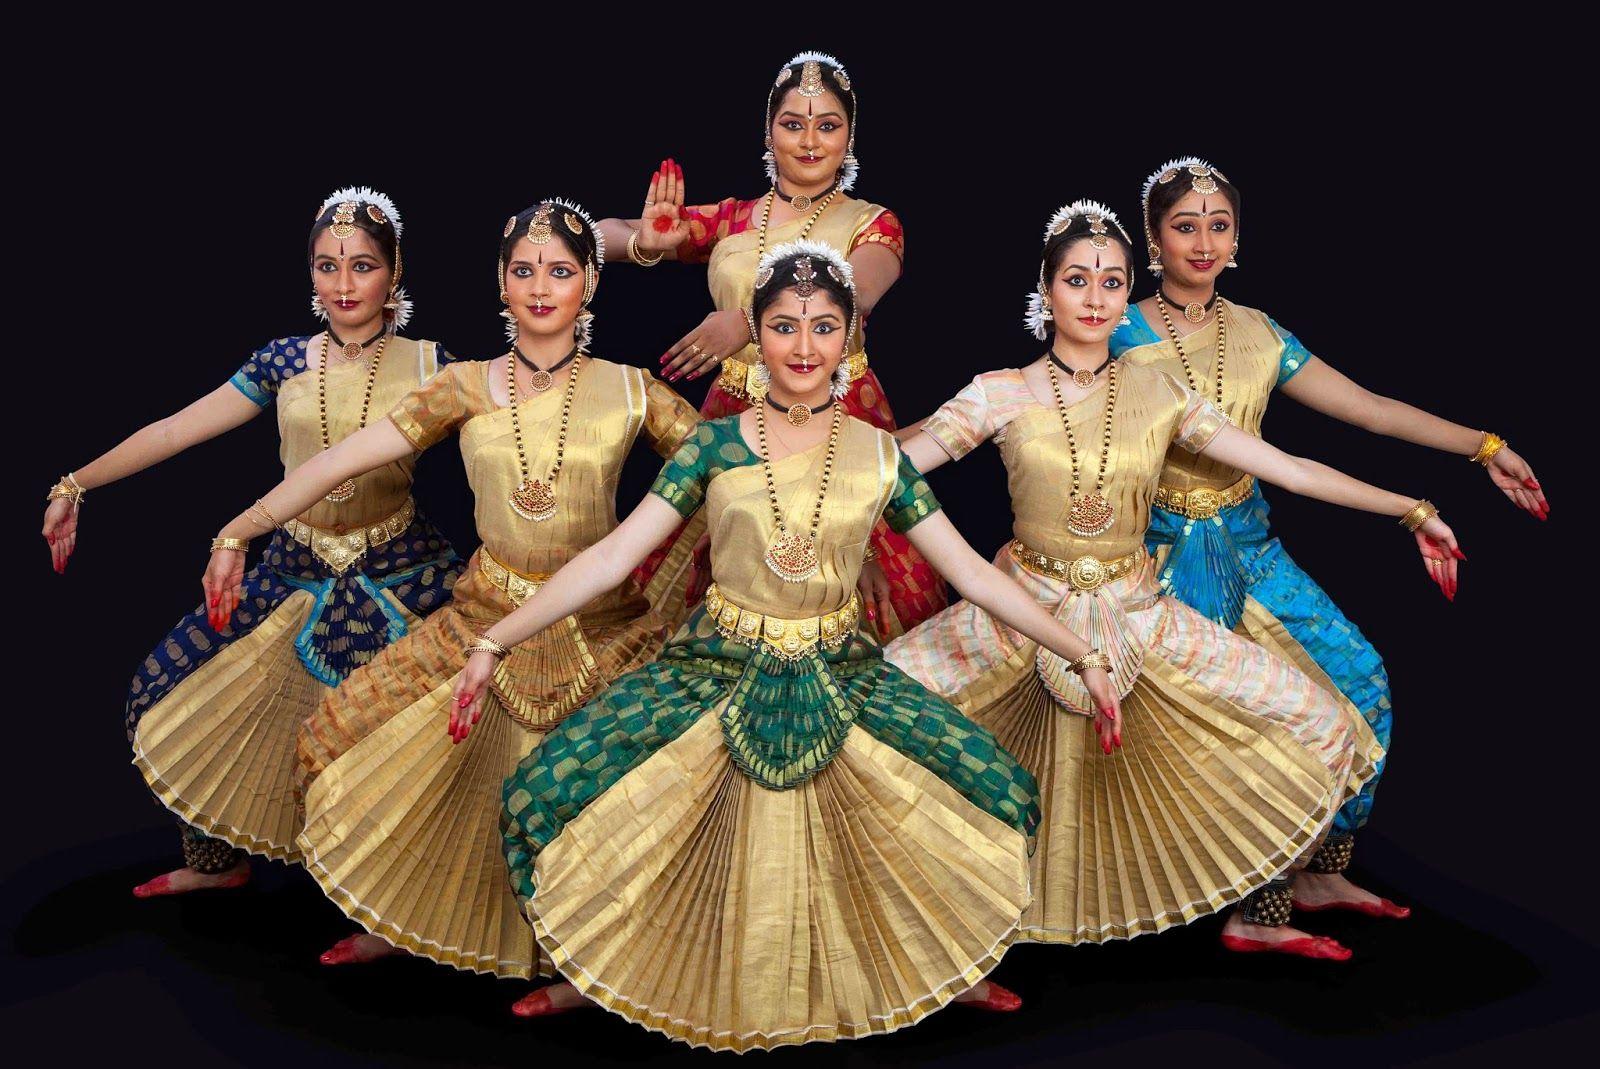 67c5f95592c80 Bharathnatyam Dress Cultural Dance, Om Namah Shivaya, Group Dance, Dance  Class, Folk